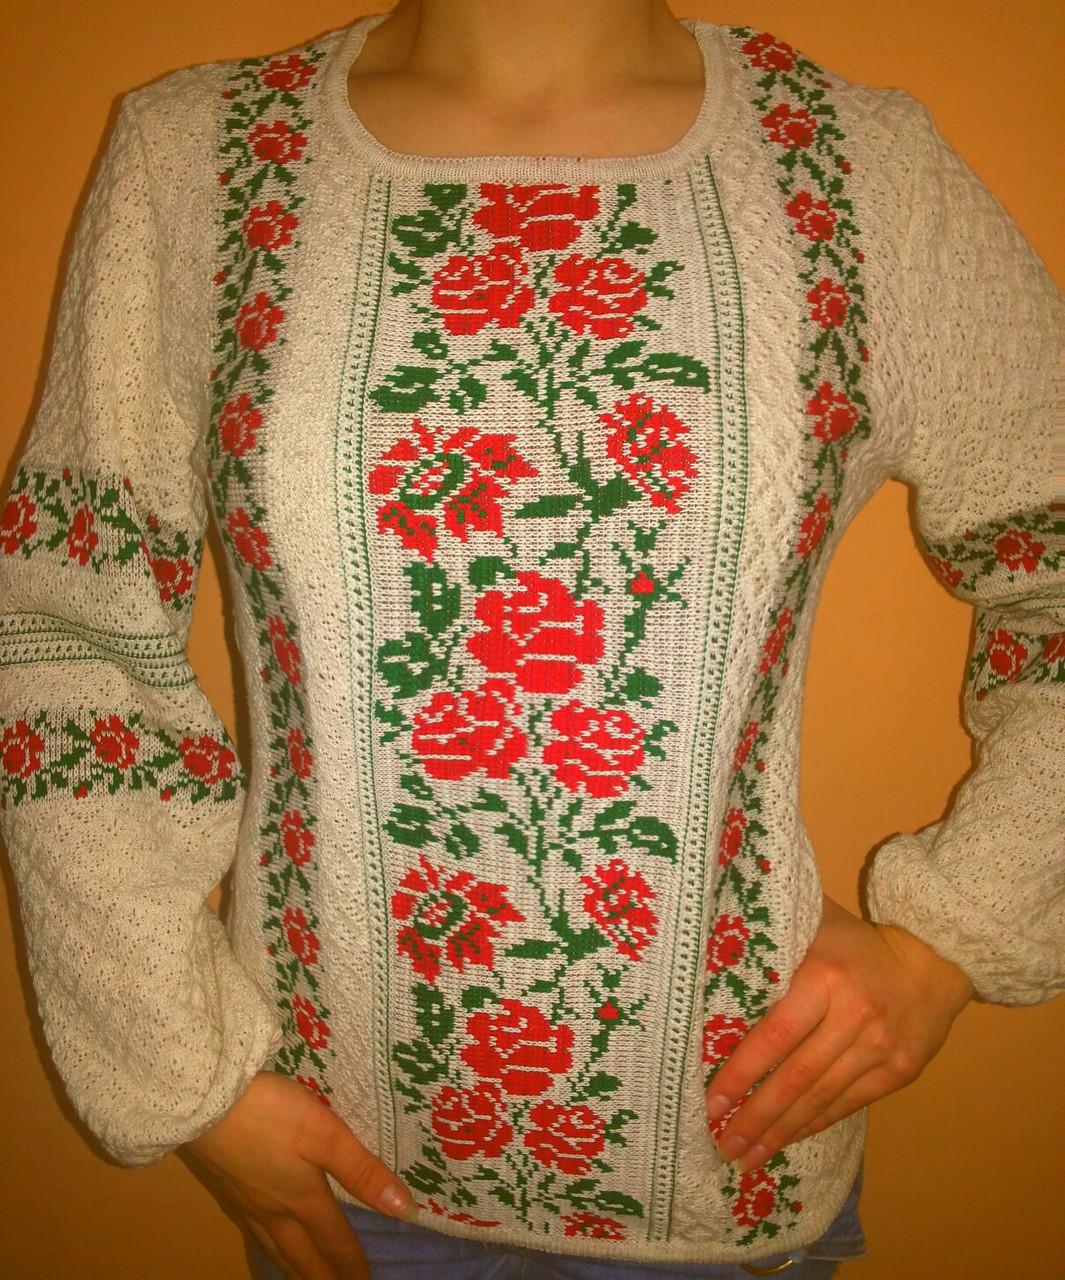 57143ae838332f Вишиванка жіноча Катерина - Інтернет-магазин вишиванок з льону від Луцького  виробника